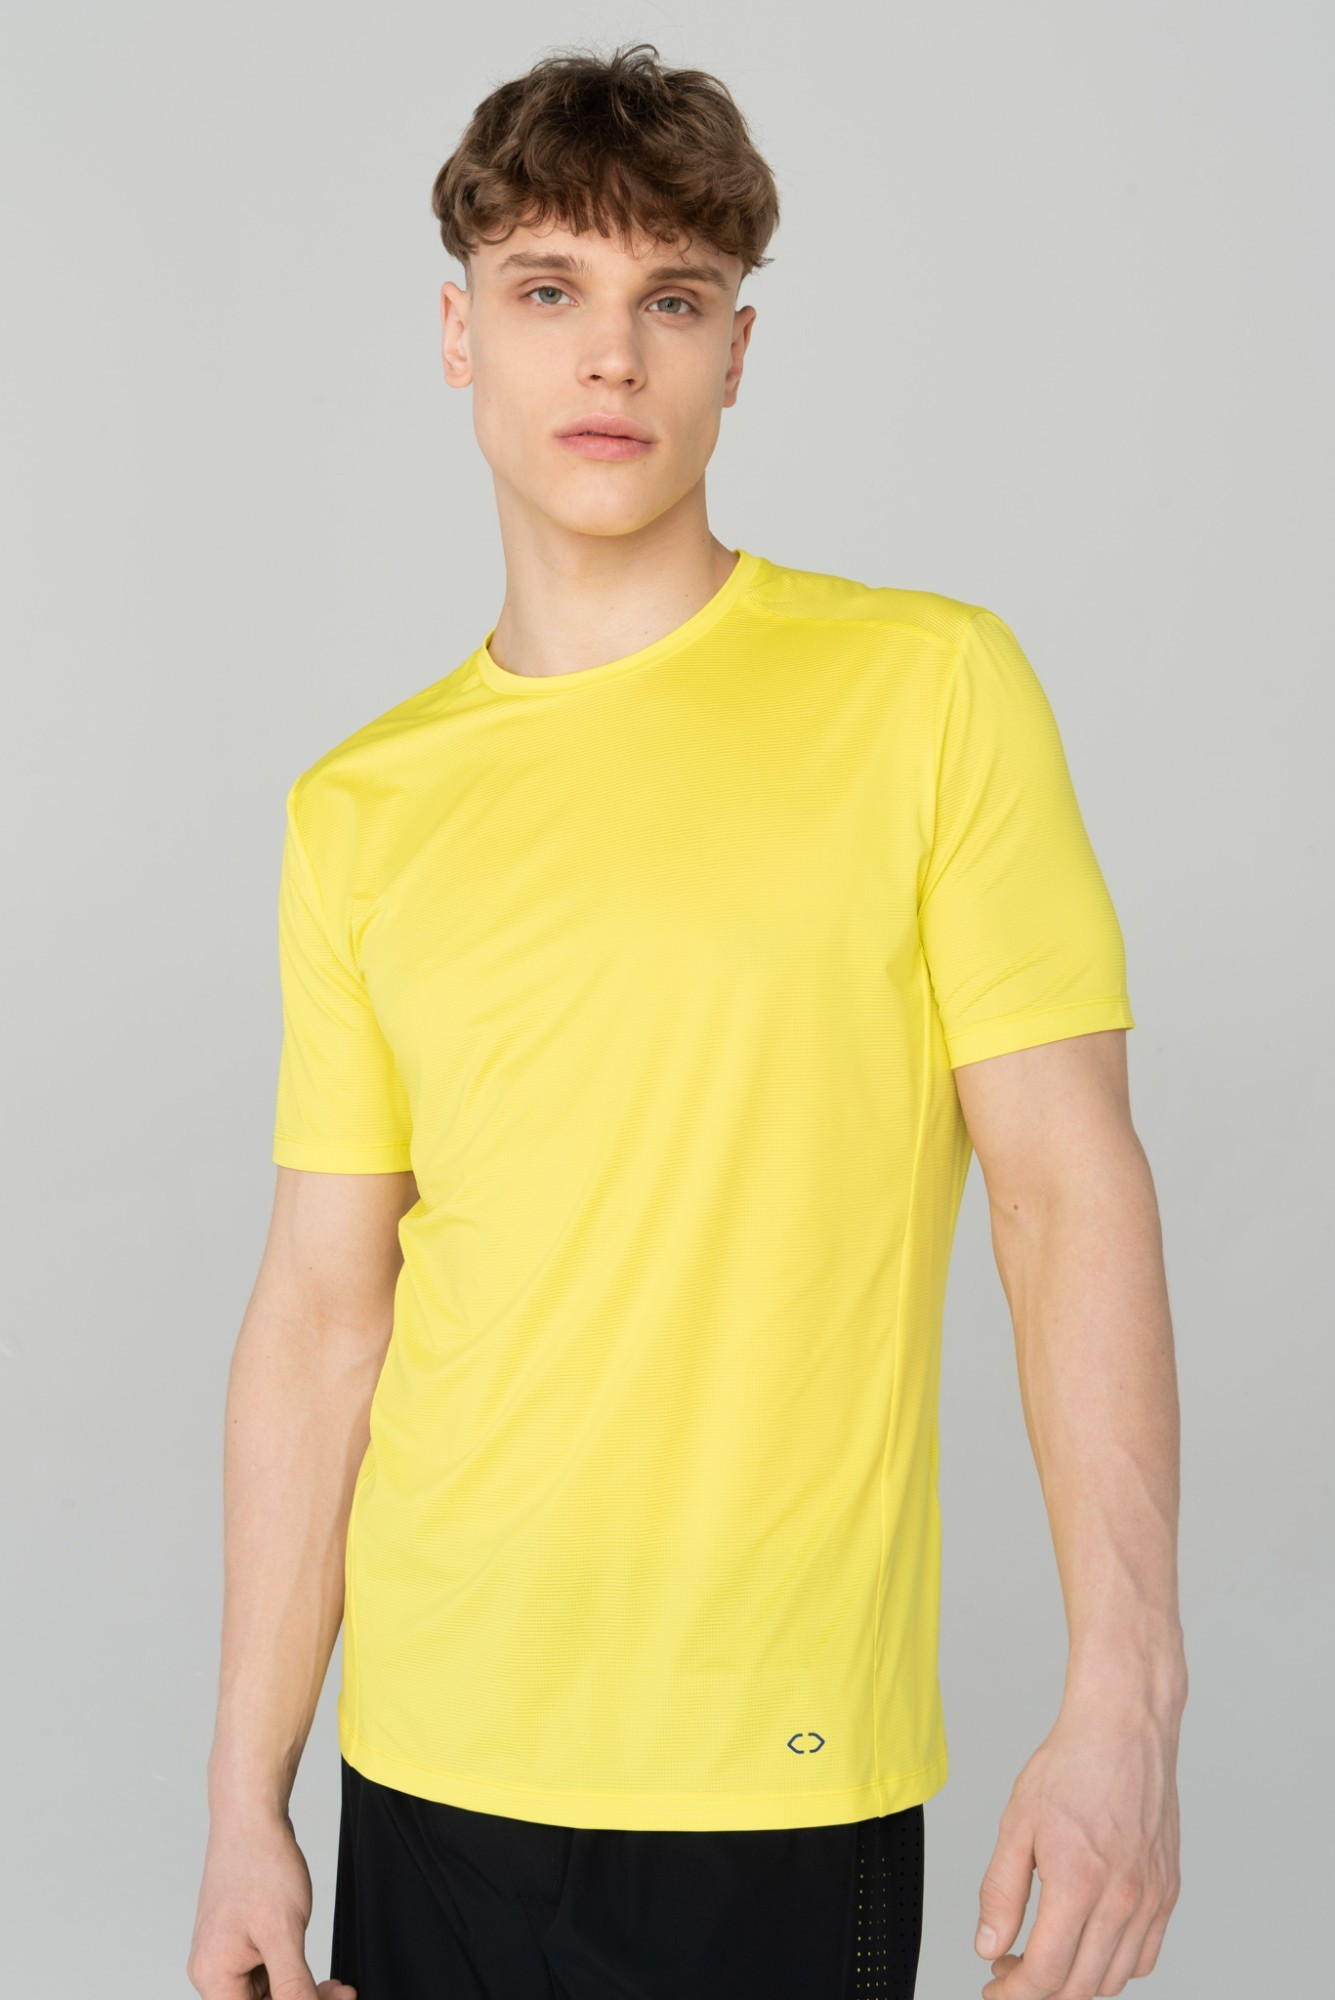 AUDIMAS Funkcionalūs marškinėliai 2111-714 Sulphur Spring XL